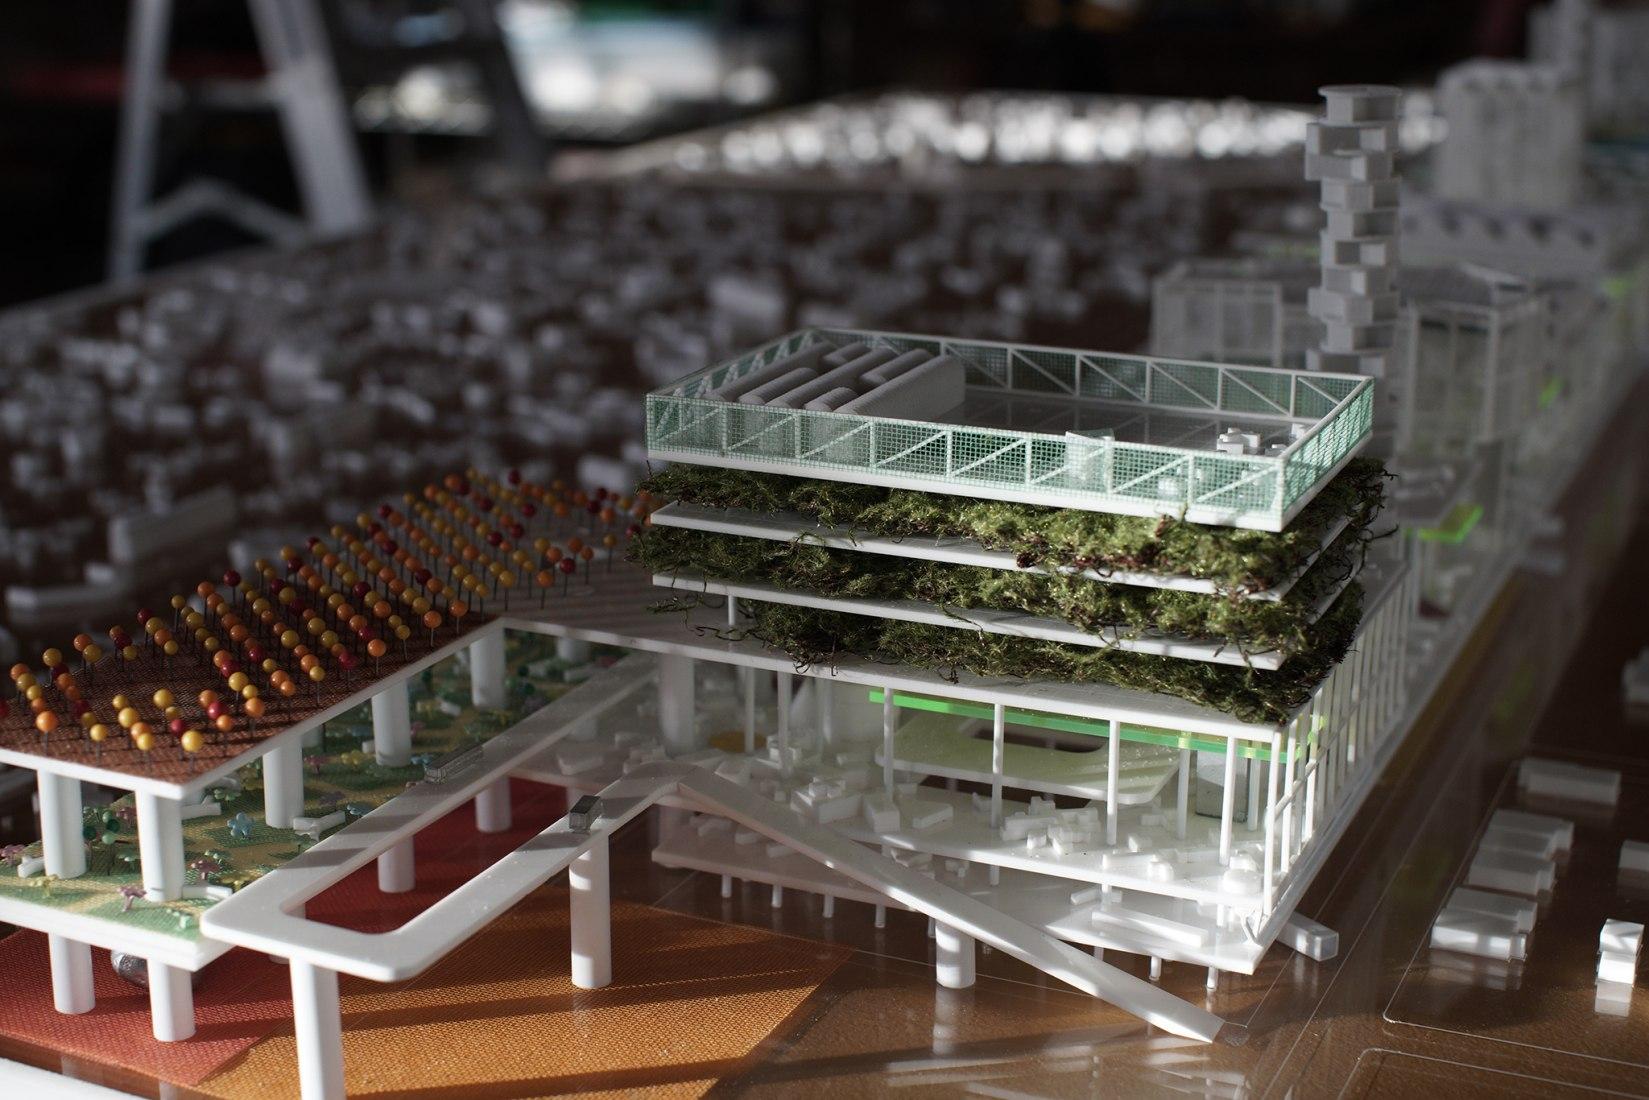 Maqueta. Detroit Rock City: un jardín vertical botánico por Stan Allen Architect. Fotografía cortesía de Stan Allen.